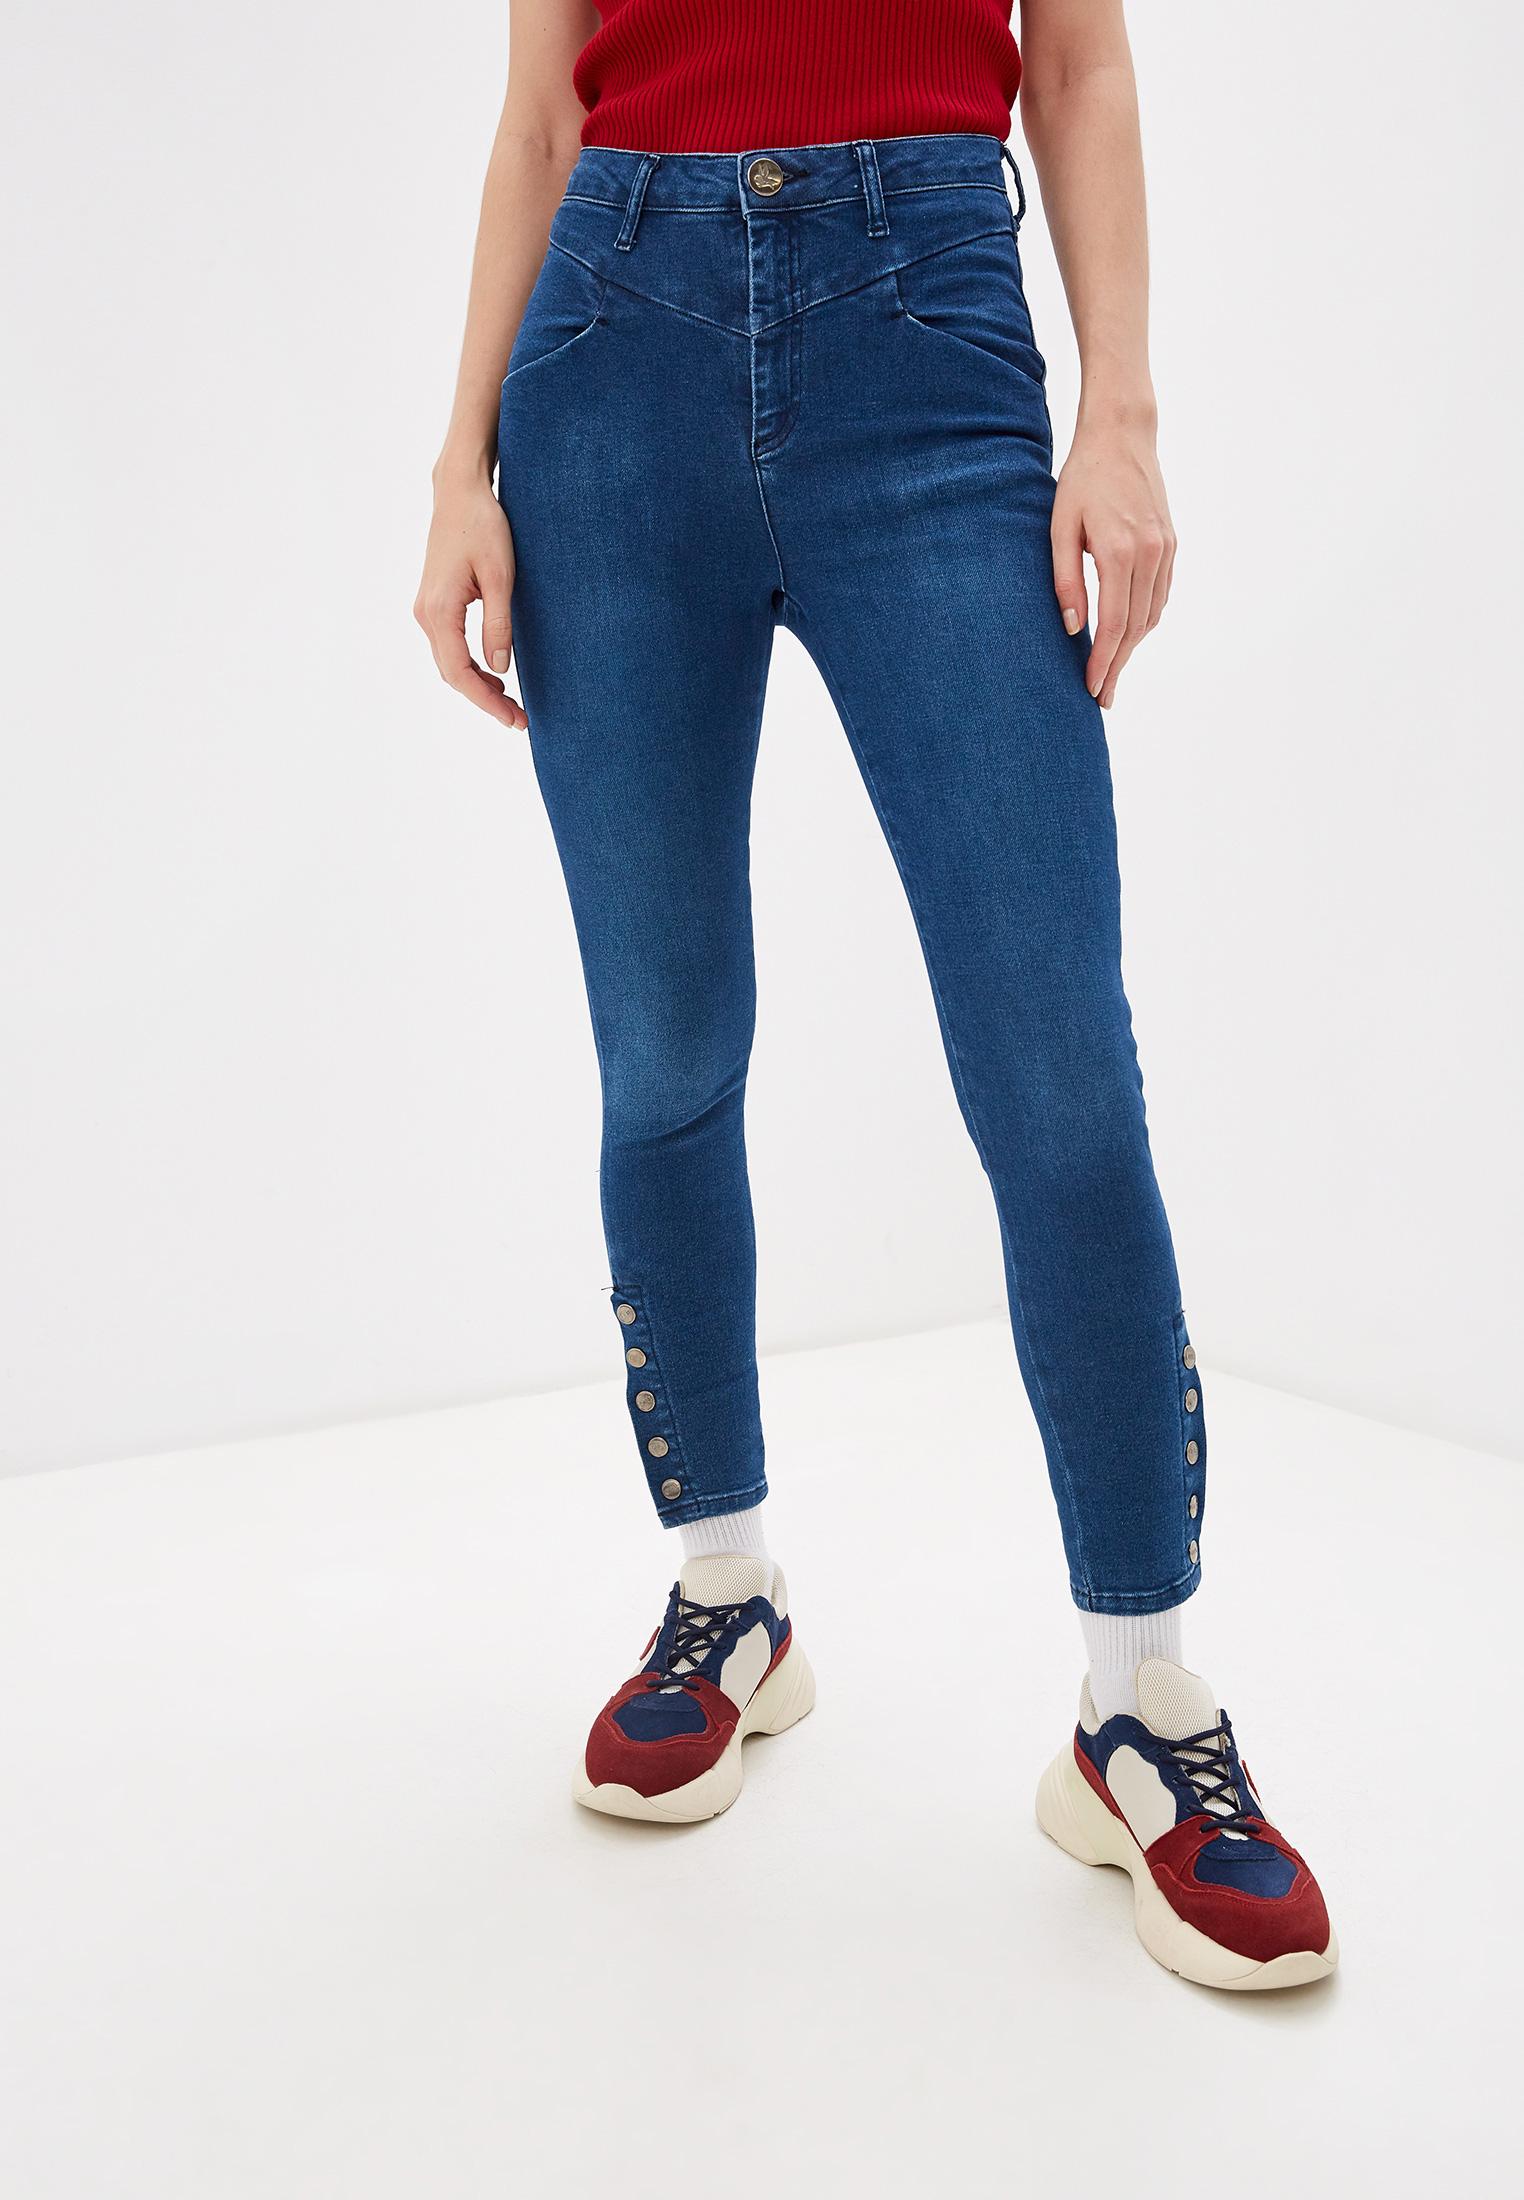 Зауженные джинсы One Teaspoon (Вантиспун) 22280